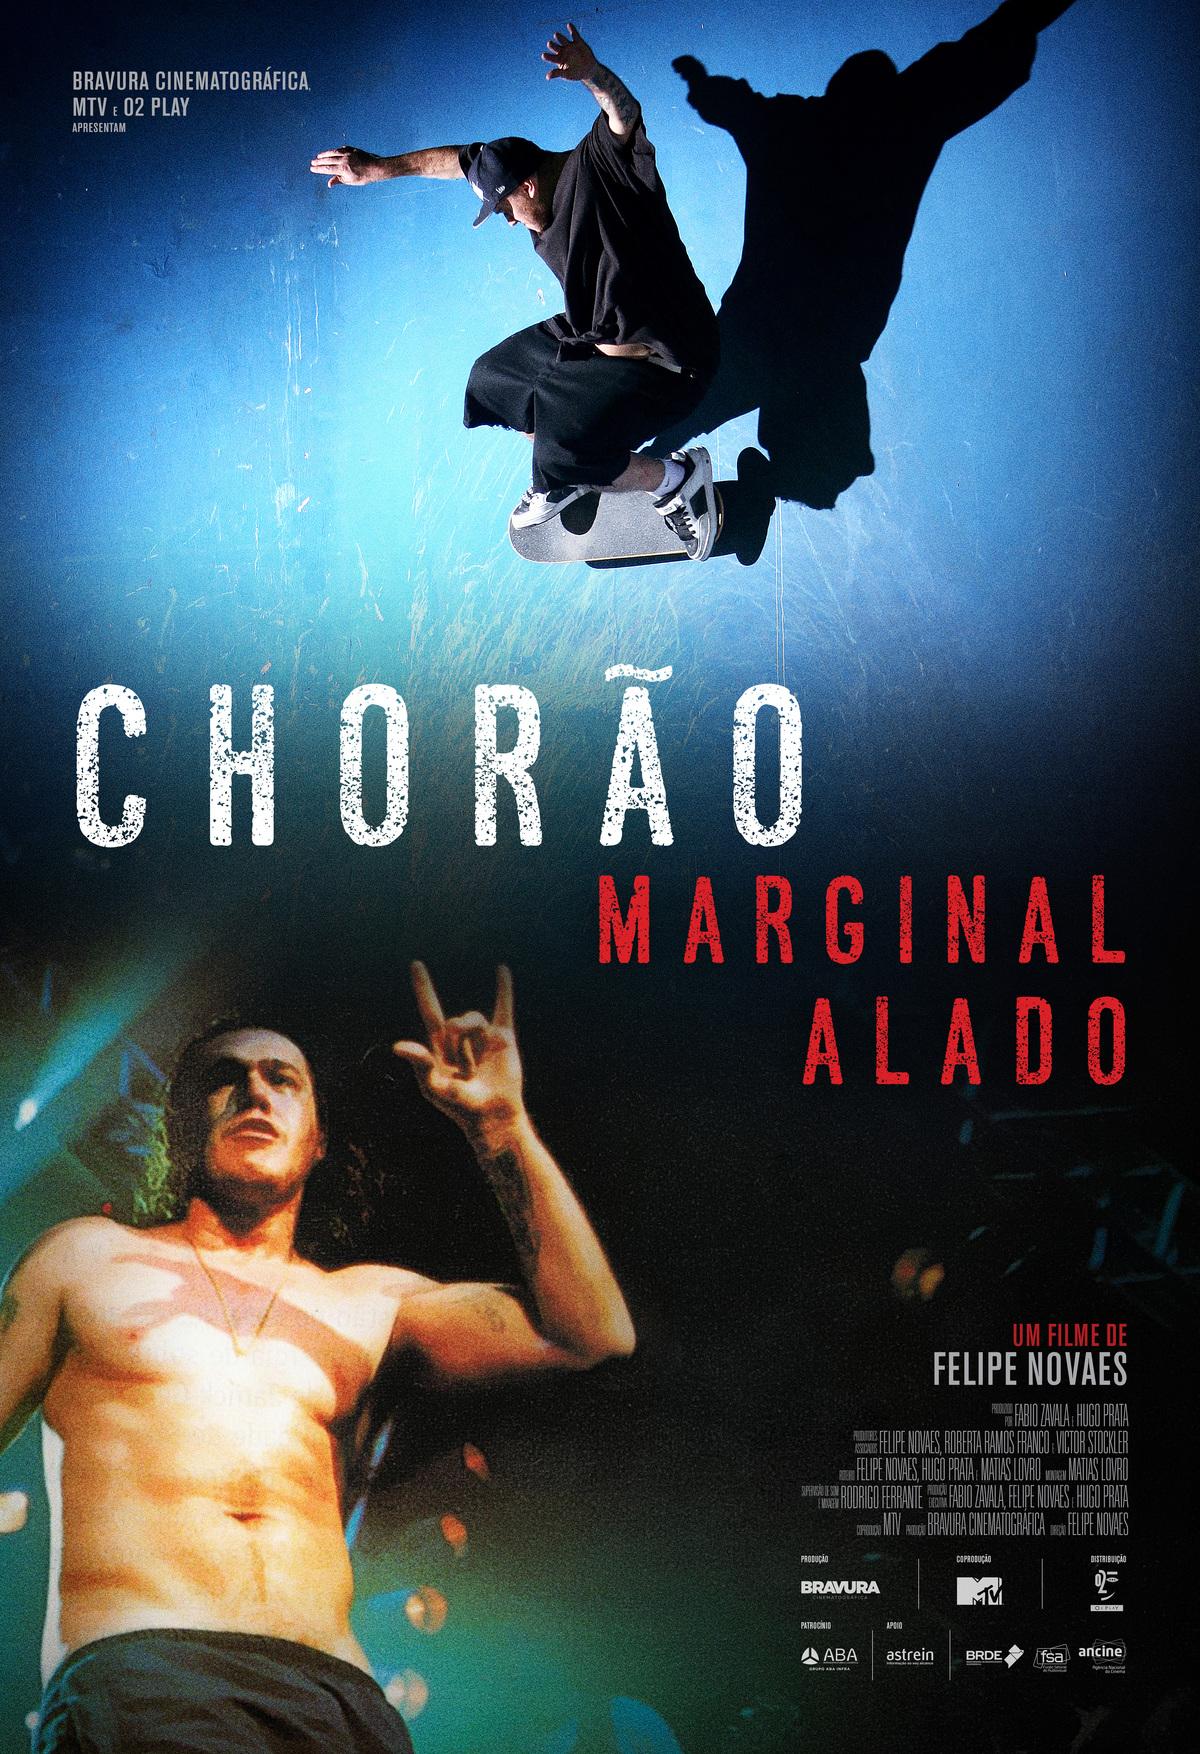 Download Filme Chorão Marginal Alado Torrent 2021 Qualidade Hd